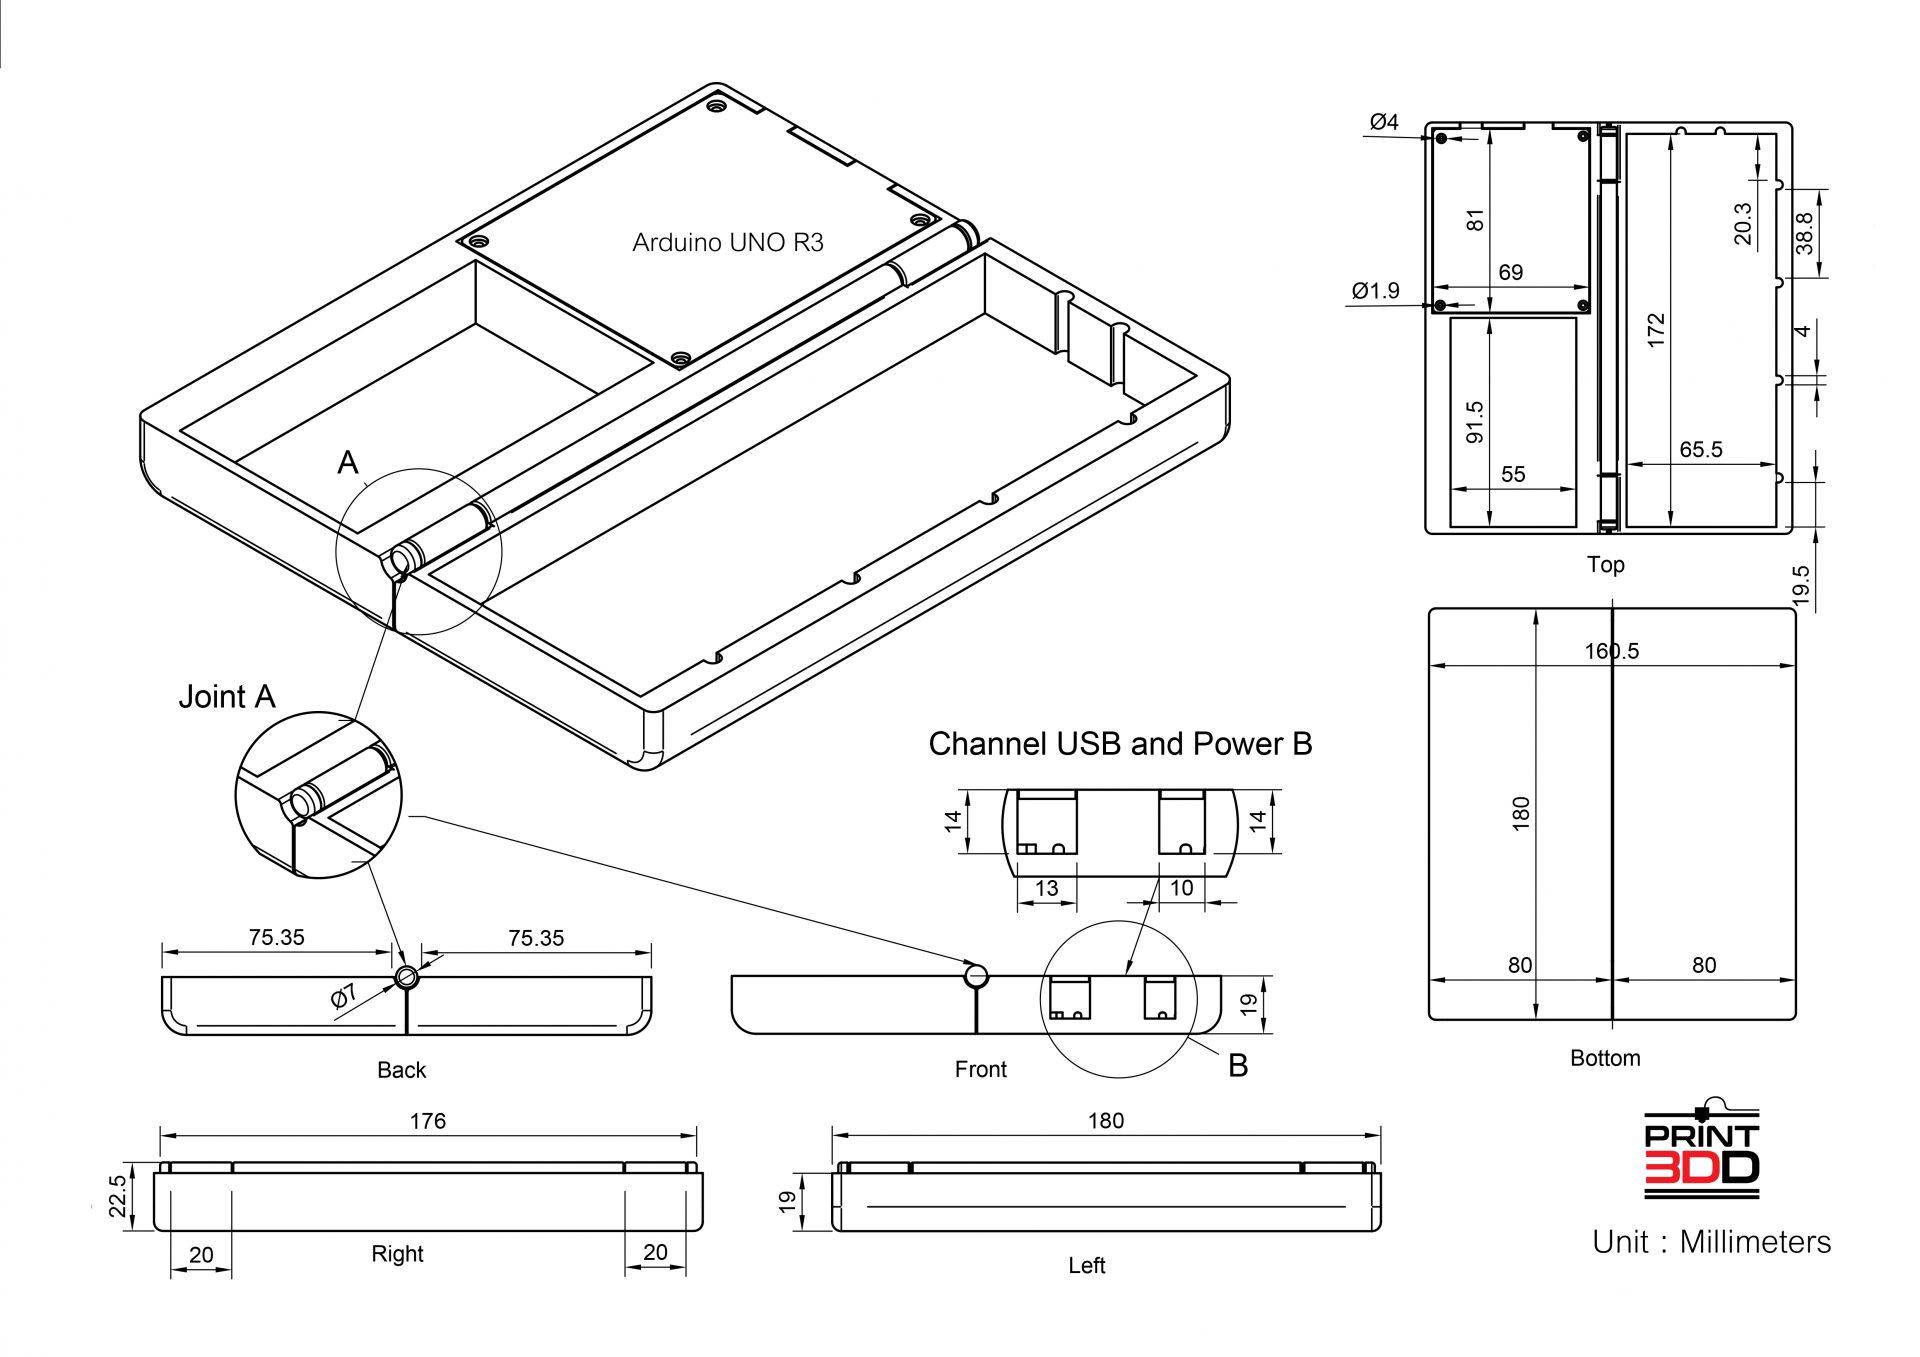 การออกแบบกล่องใส่บอร์ดทดลอง Arduino UNO R3. Part 1 การวัดขนาดและการออกแบบ 2D